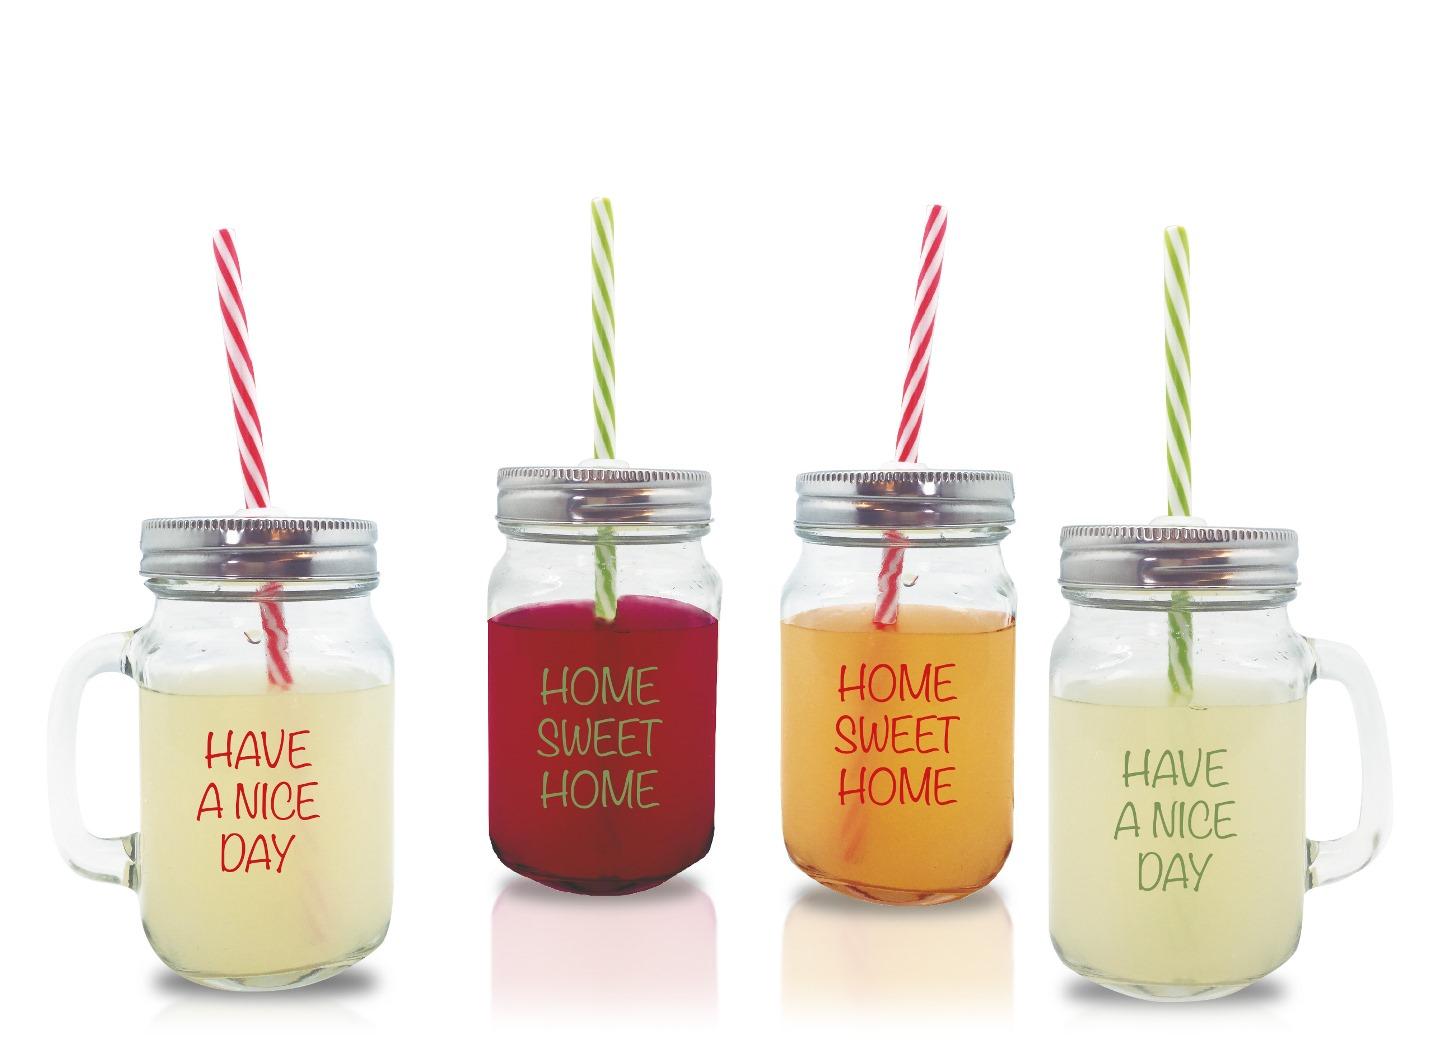 Онлайн каталог PROMENU: Набор стаканов с ручкой, трубочкой и крышкой Nerthus Mason Jar , объем 0,45 л, 4 штуки                               FIH 100